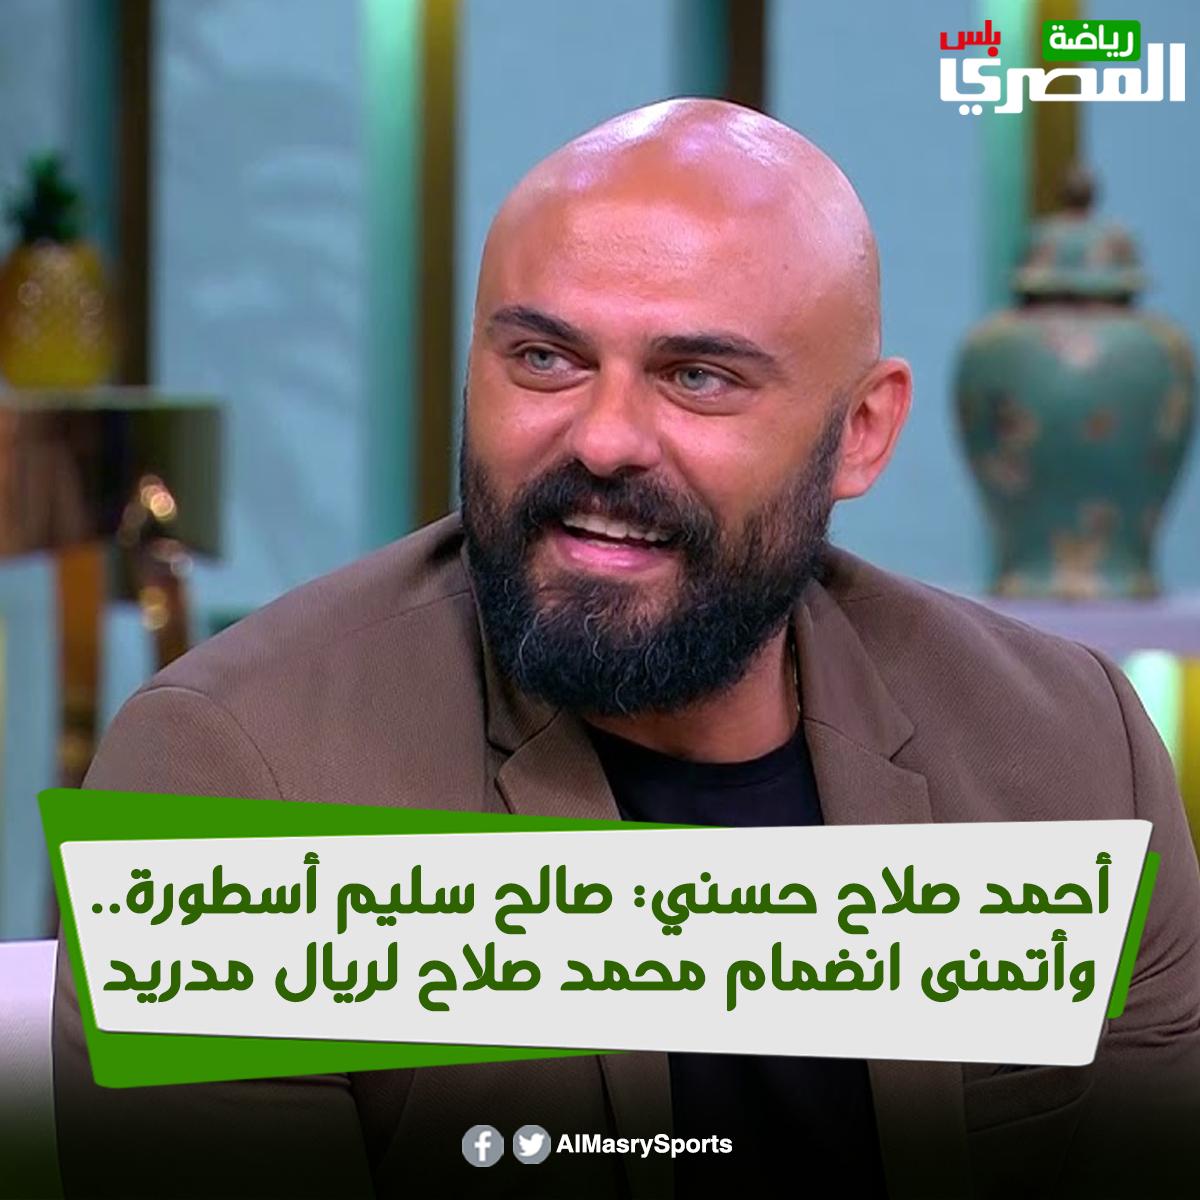 أحمد صلاح حسني صالح سليم أسطورة.. وأتمنى انضمام محمد صلاح لــ ريال مدريد